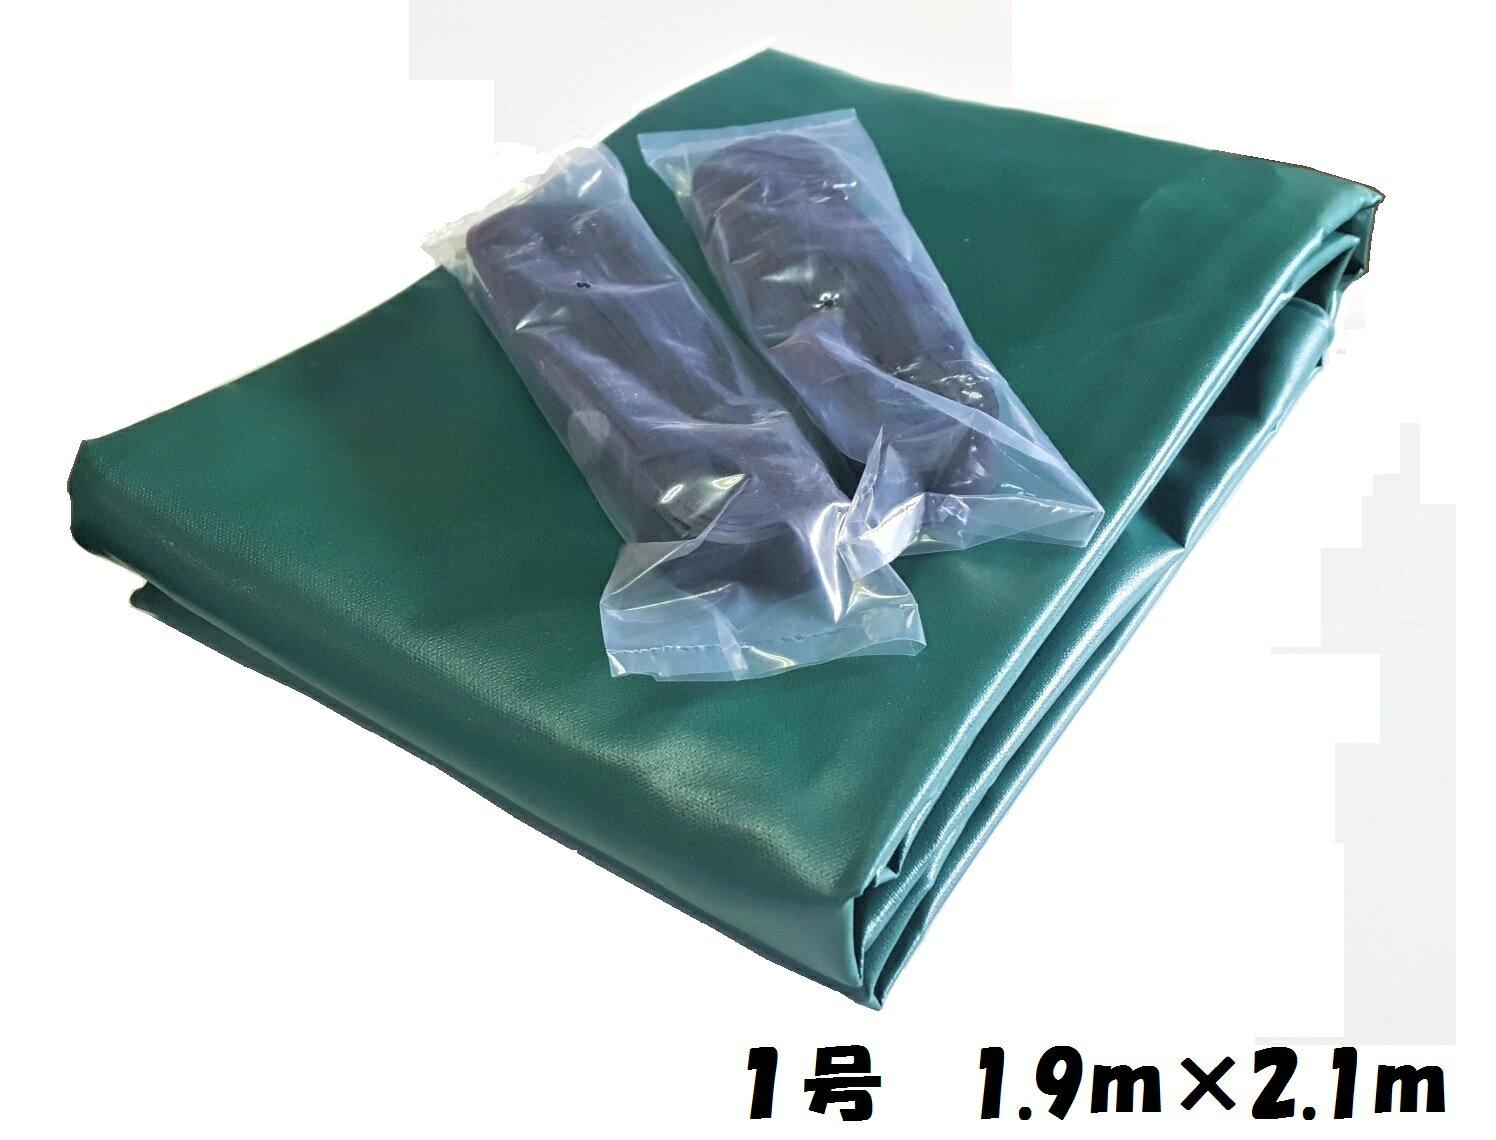 トラックシート グリーン 1号 1.9m×2.1m 軽トラックシート エステル帆布 荷台シート